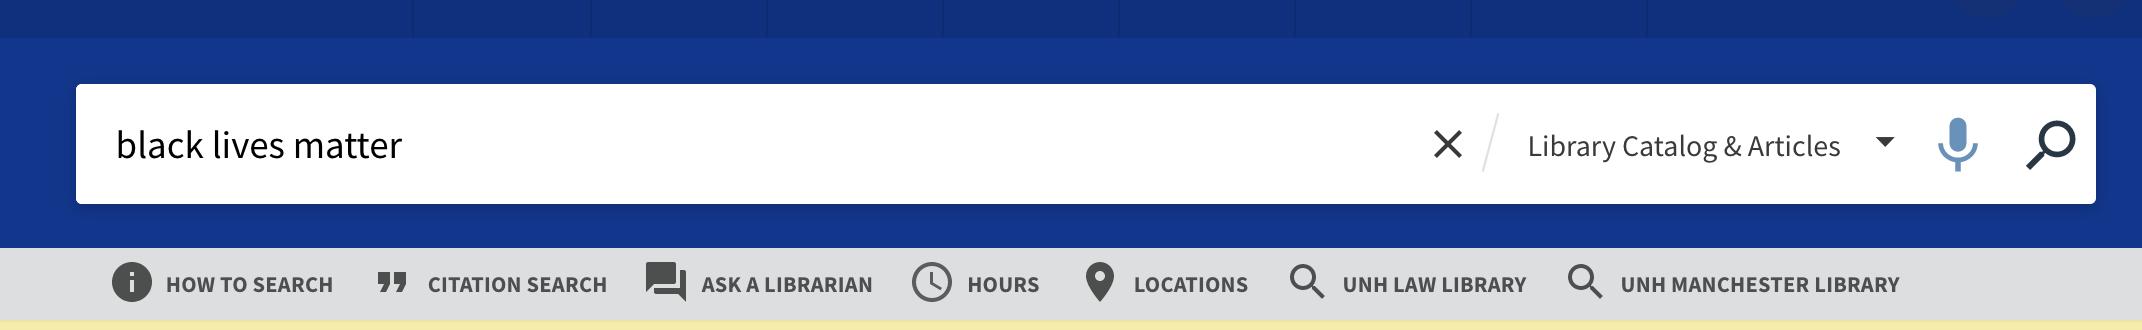 Search Box Sub Menu